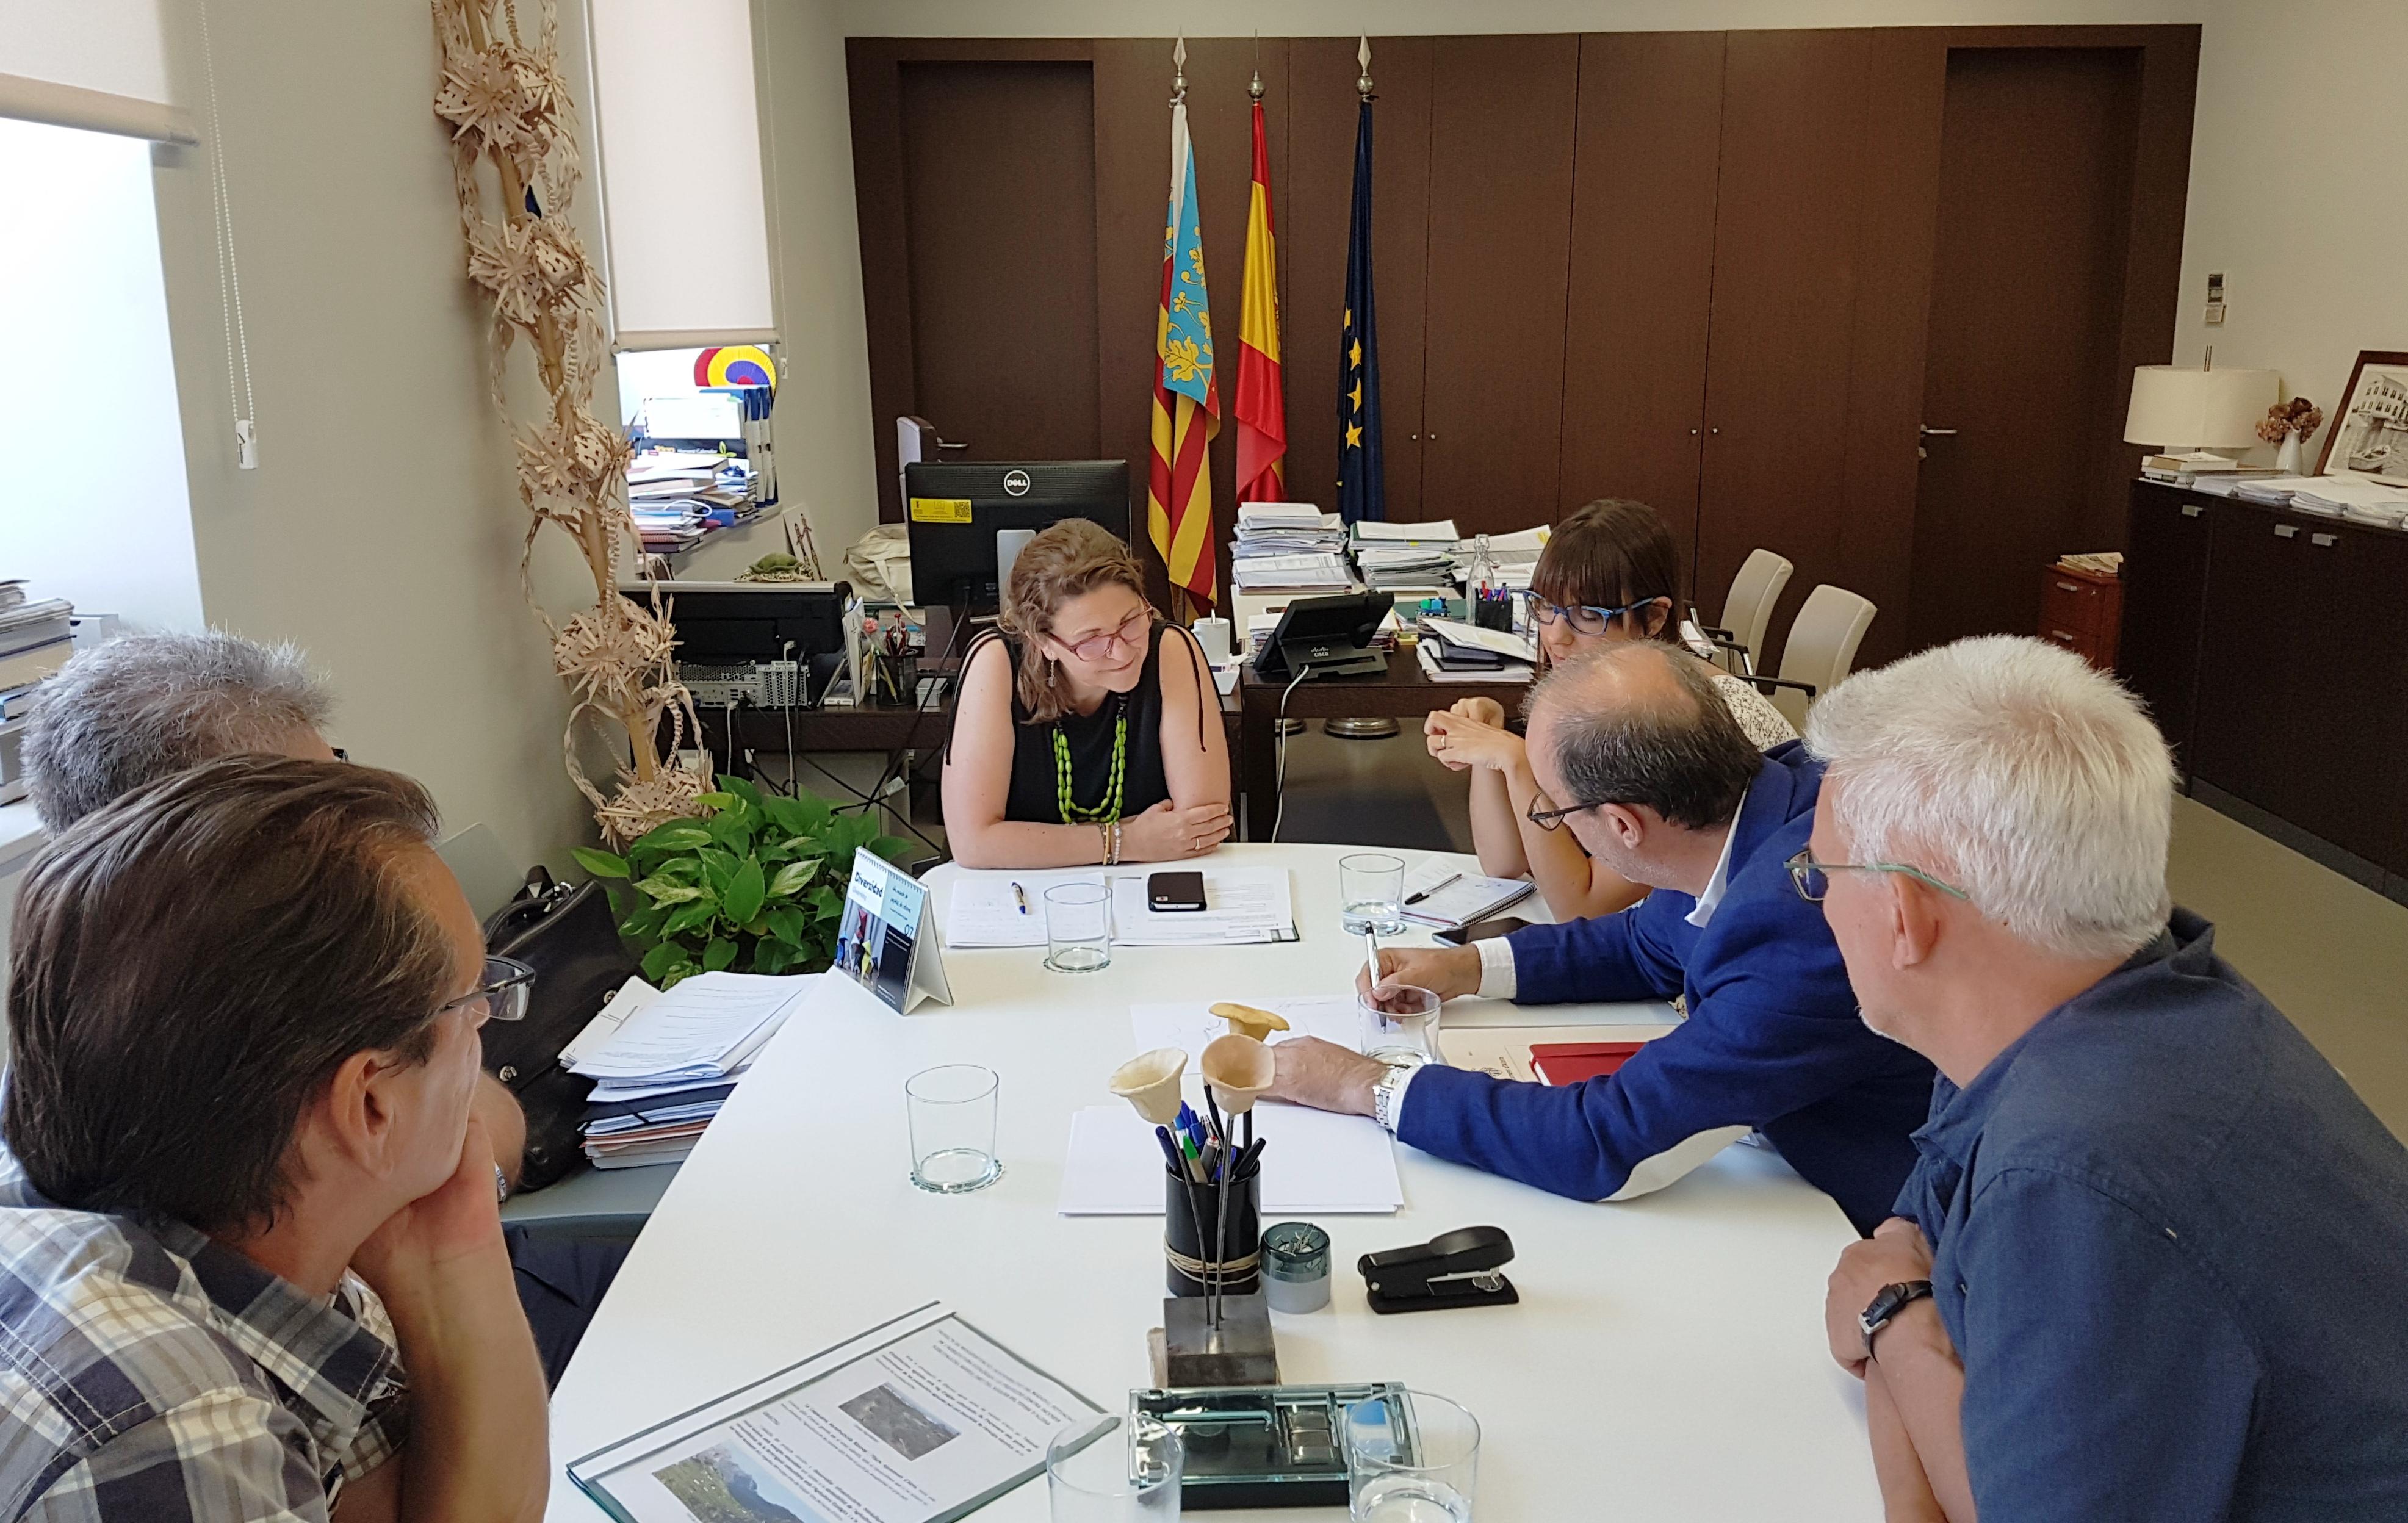 La consejera Elena Cebrián se ha reunido con el alcalde de la ciudad para abordar este y otros temas de interés para el municipio.